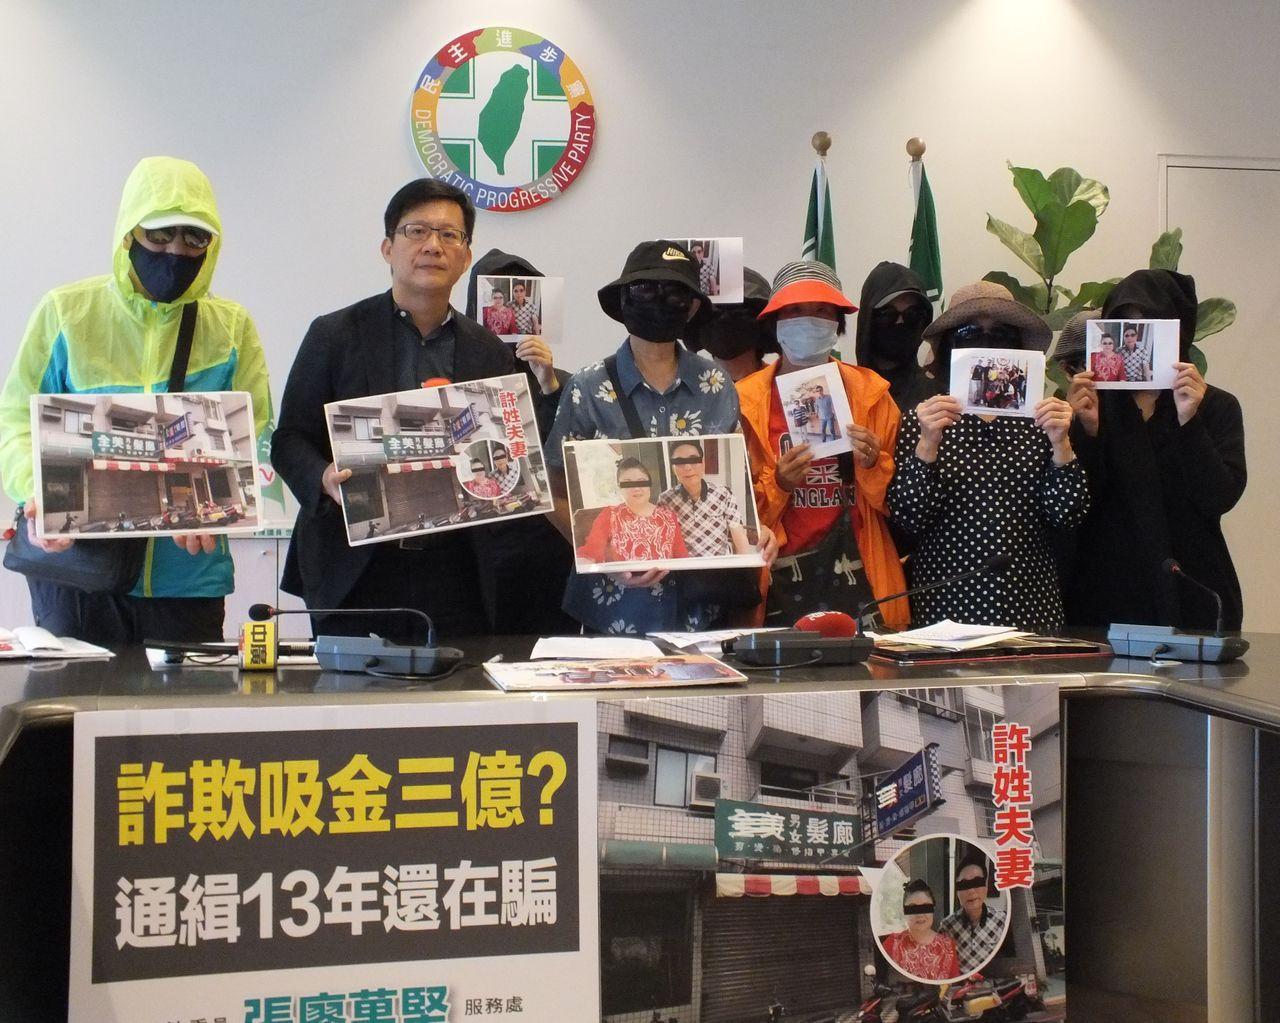 立委張廖萬堅(左二)今天陪同近20名詐騙受害者自救會成員,指控60多歲許姓婦人1...